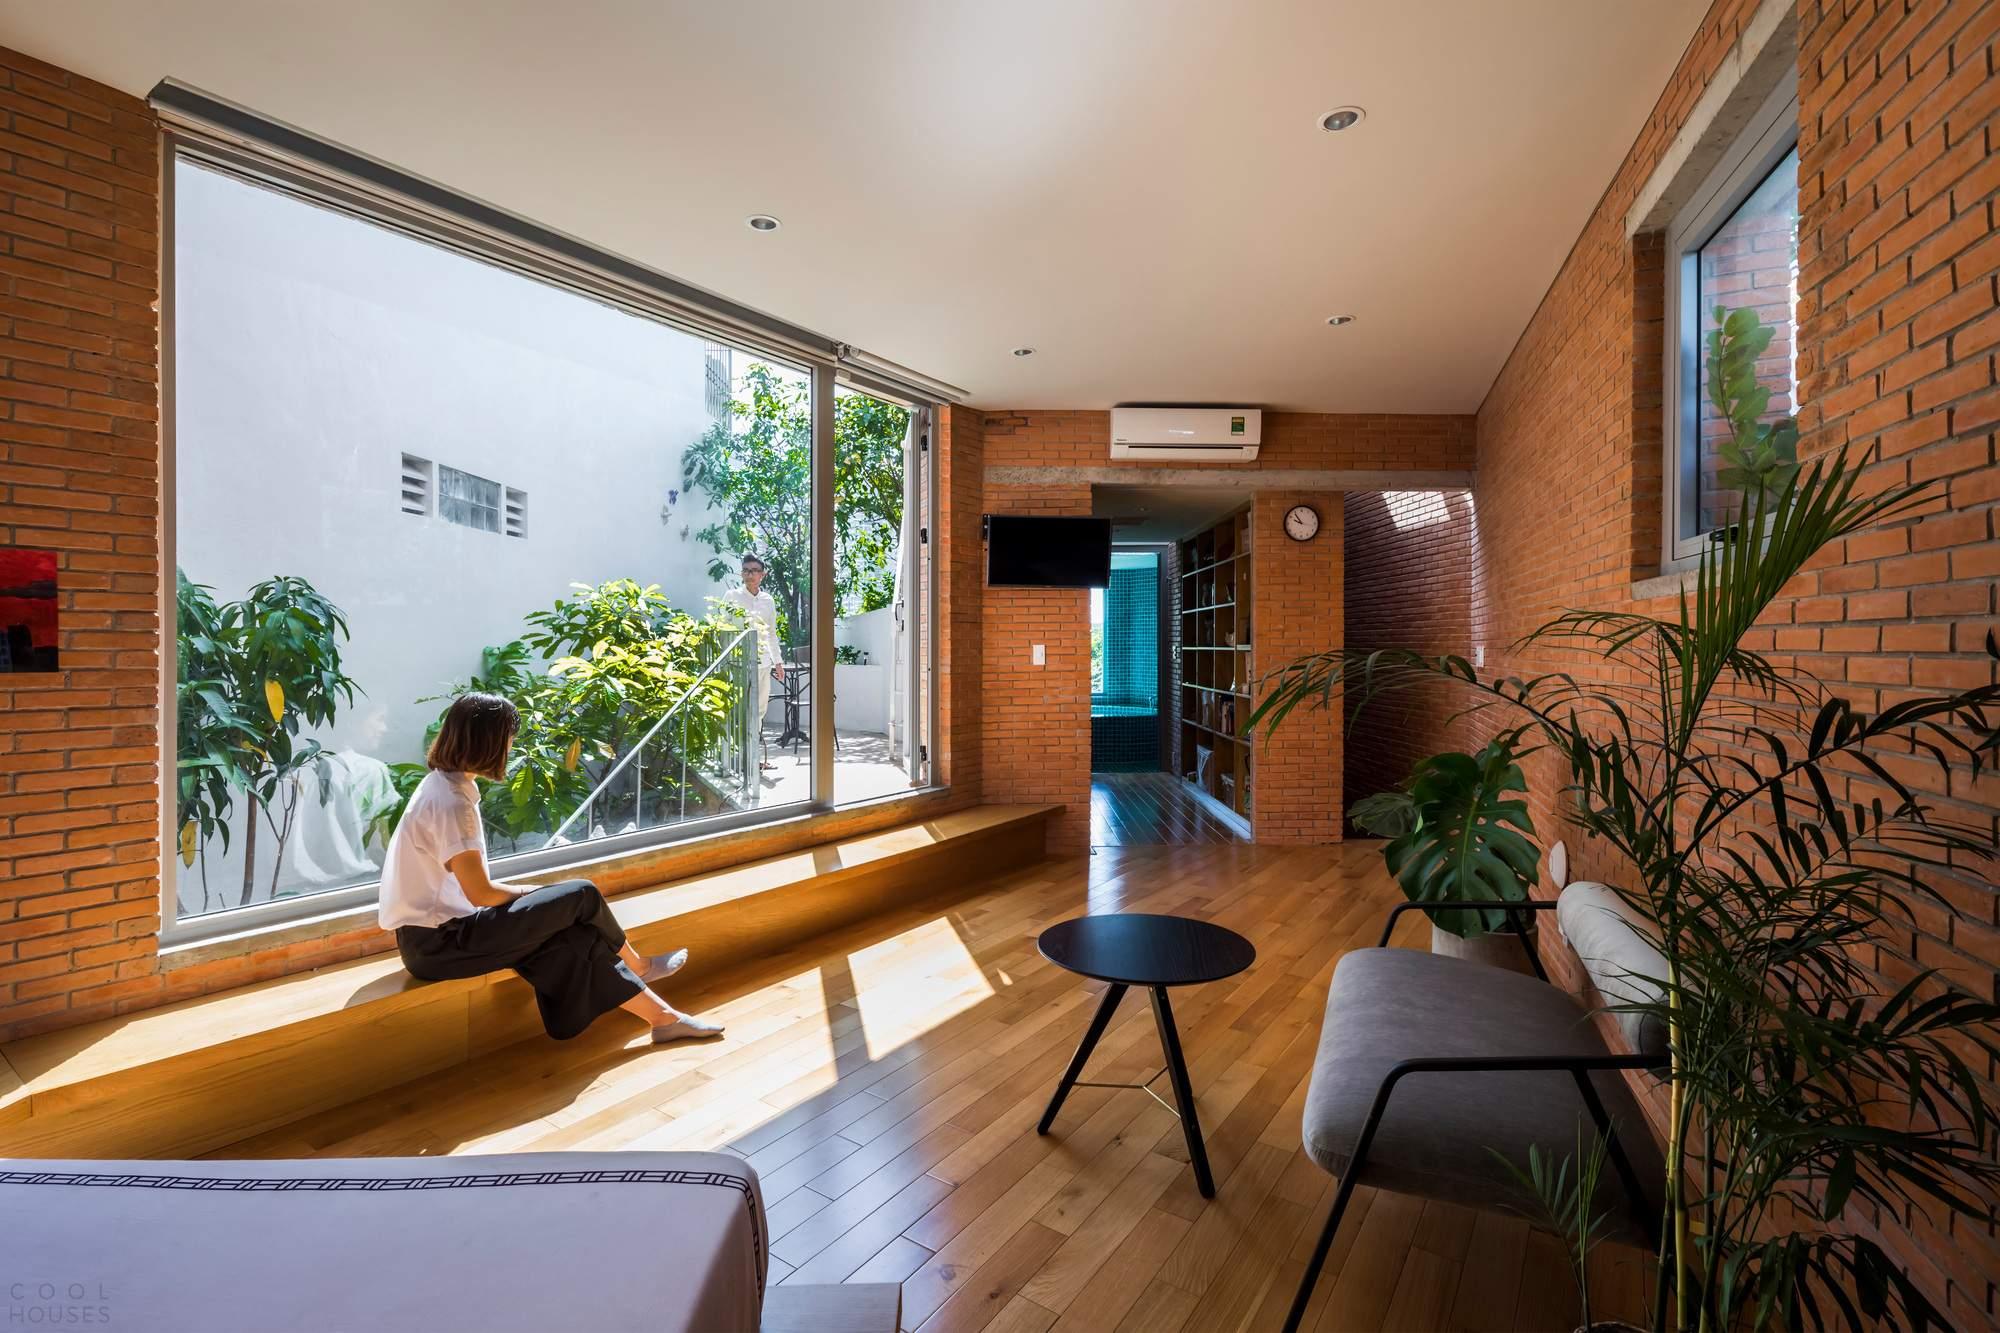 Семейный дом с террасами-садами, Вьетнам